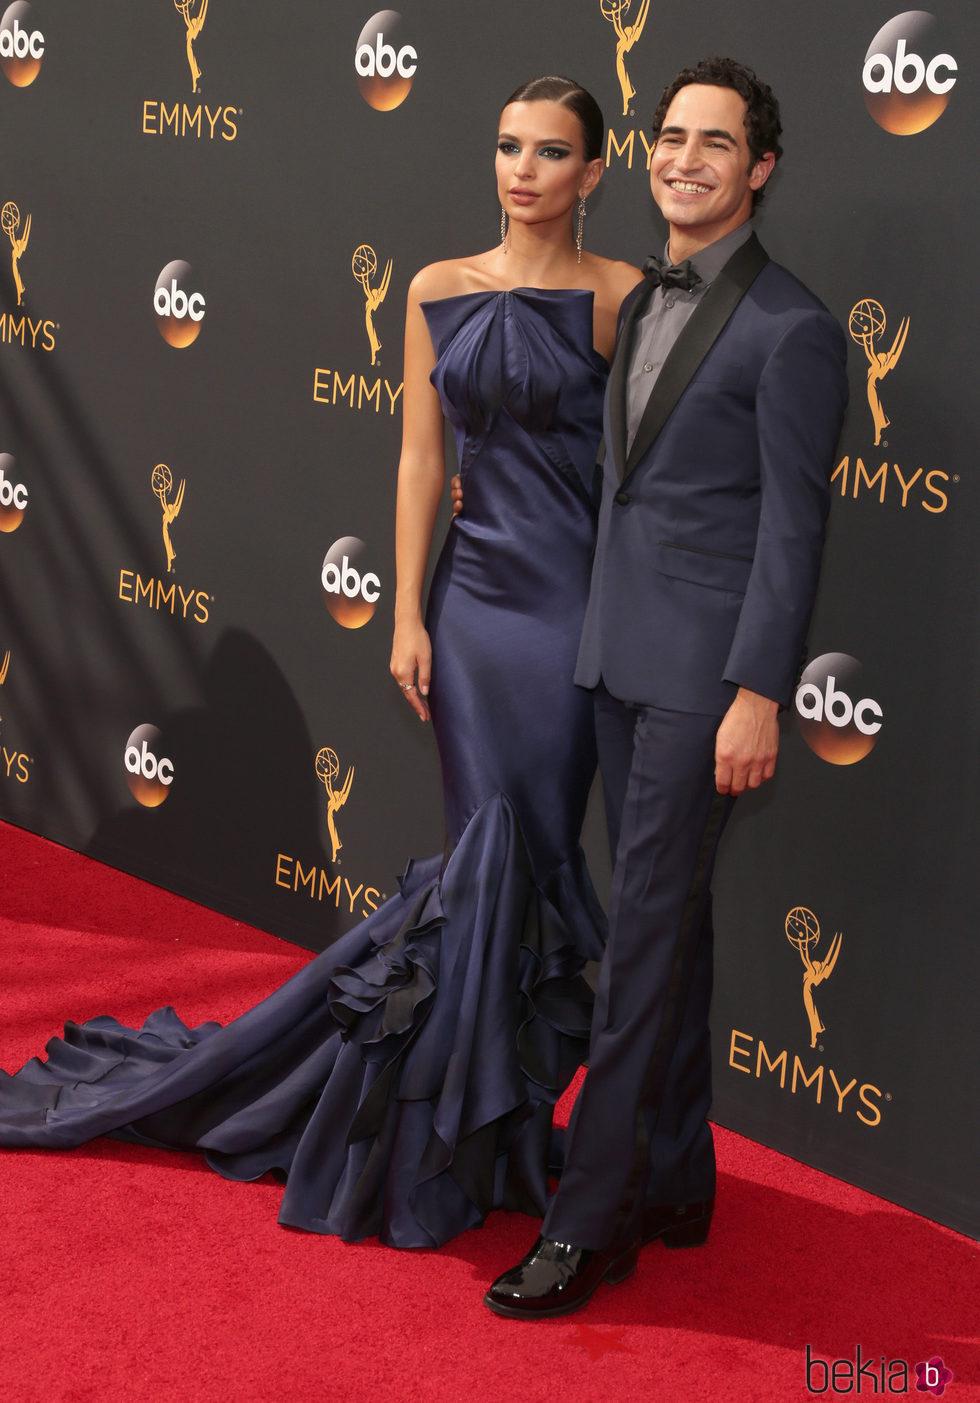 Emily Ratajkowski junto a Zac posen en la alfombra roja de los Premios Emmy 2016